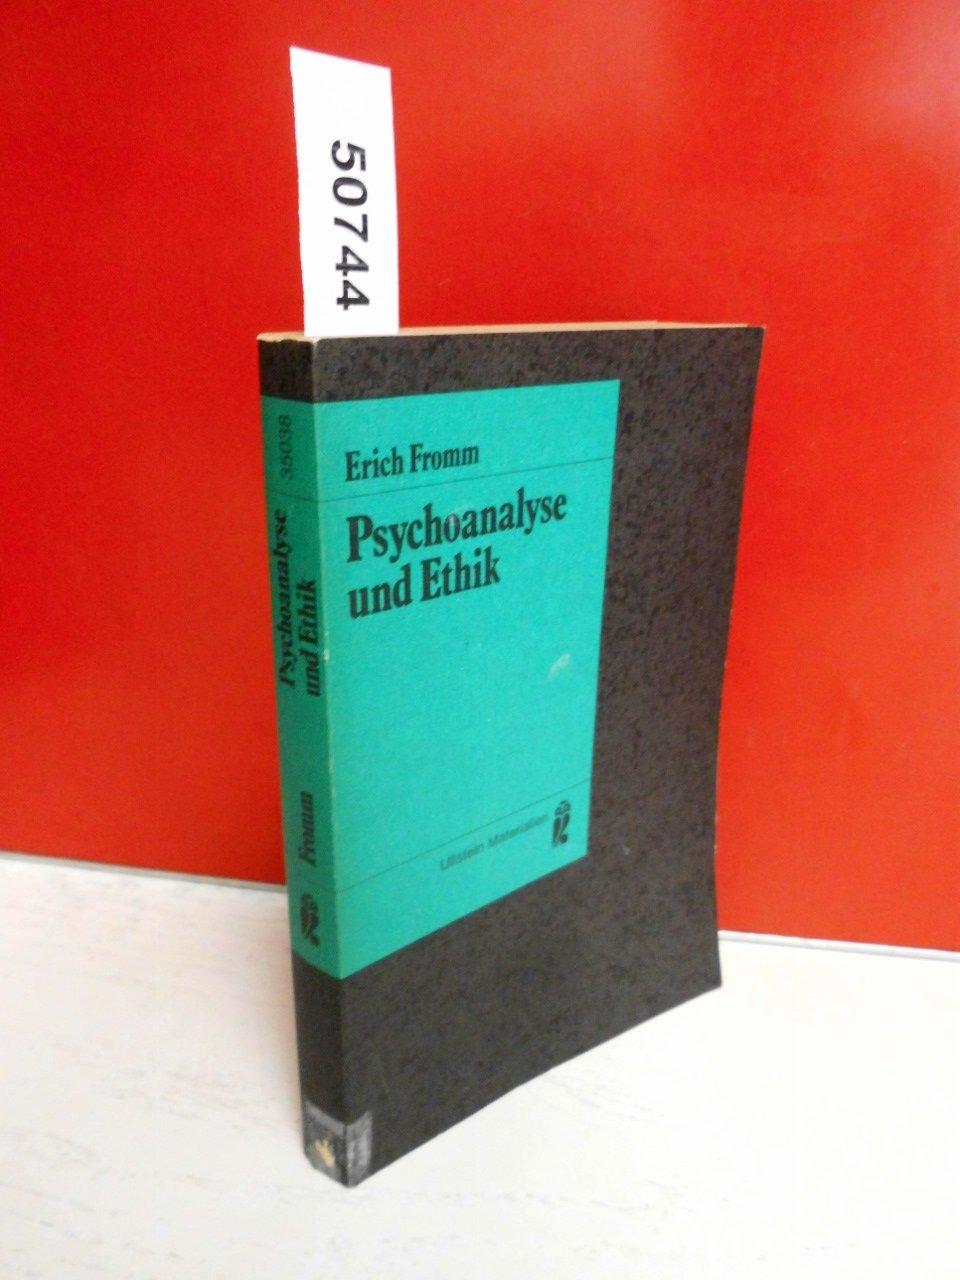 Psychoanalyse und Ethik: Amazon.de: Erich Fromm: Bücher